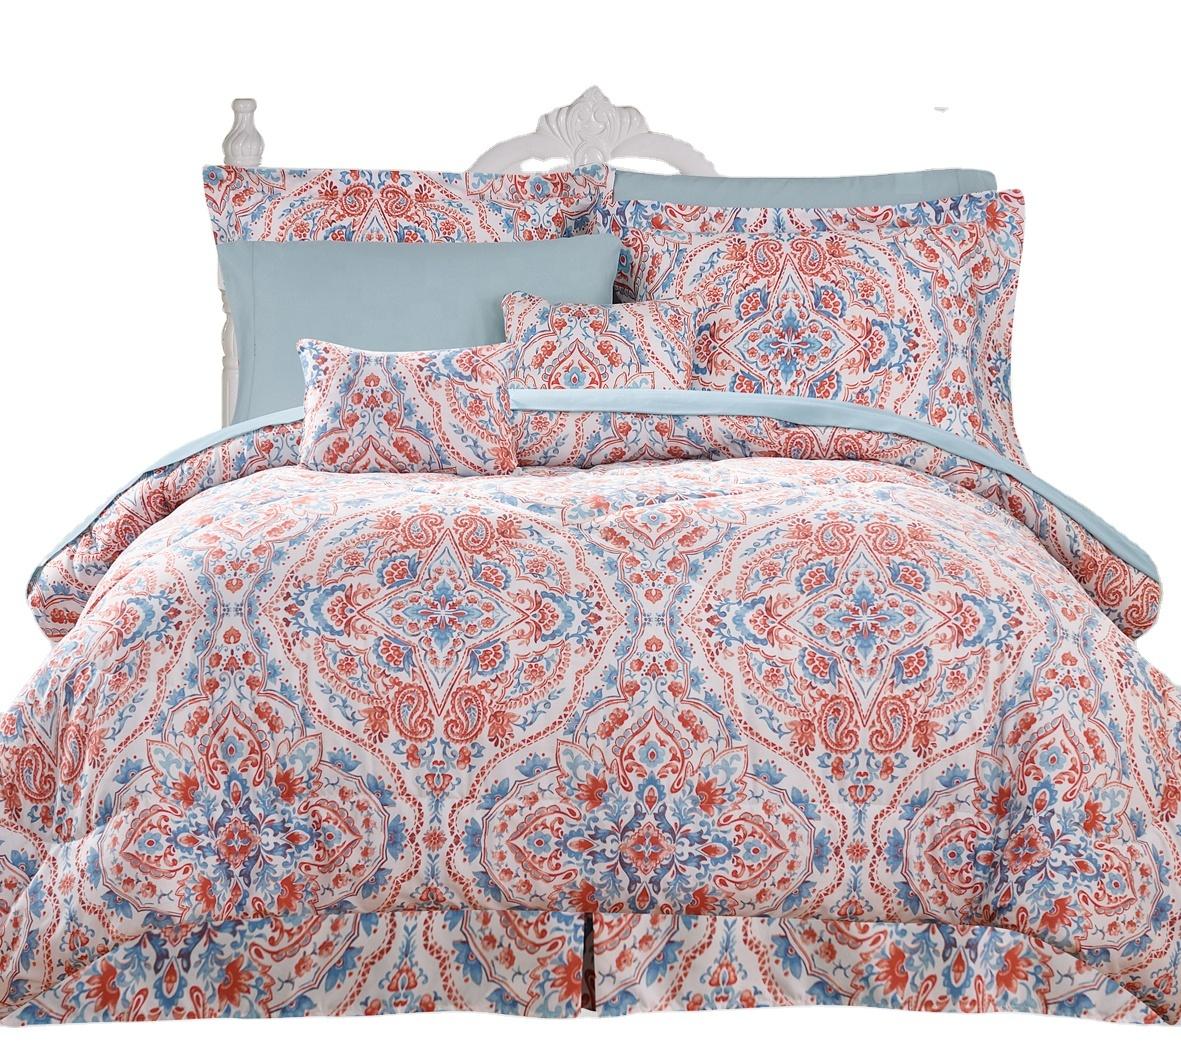 3-10 шт., набор мягких удобных одеял из микрофибры